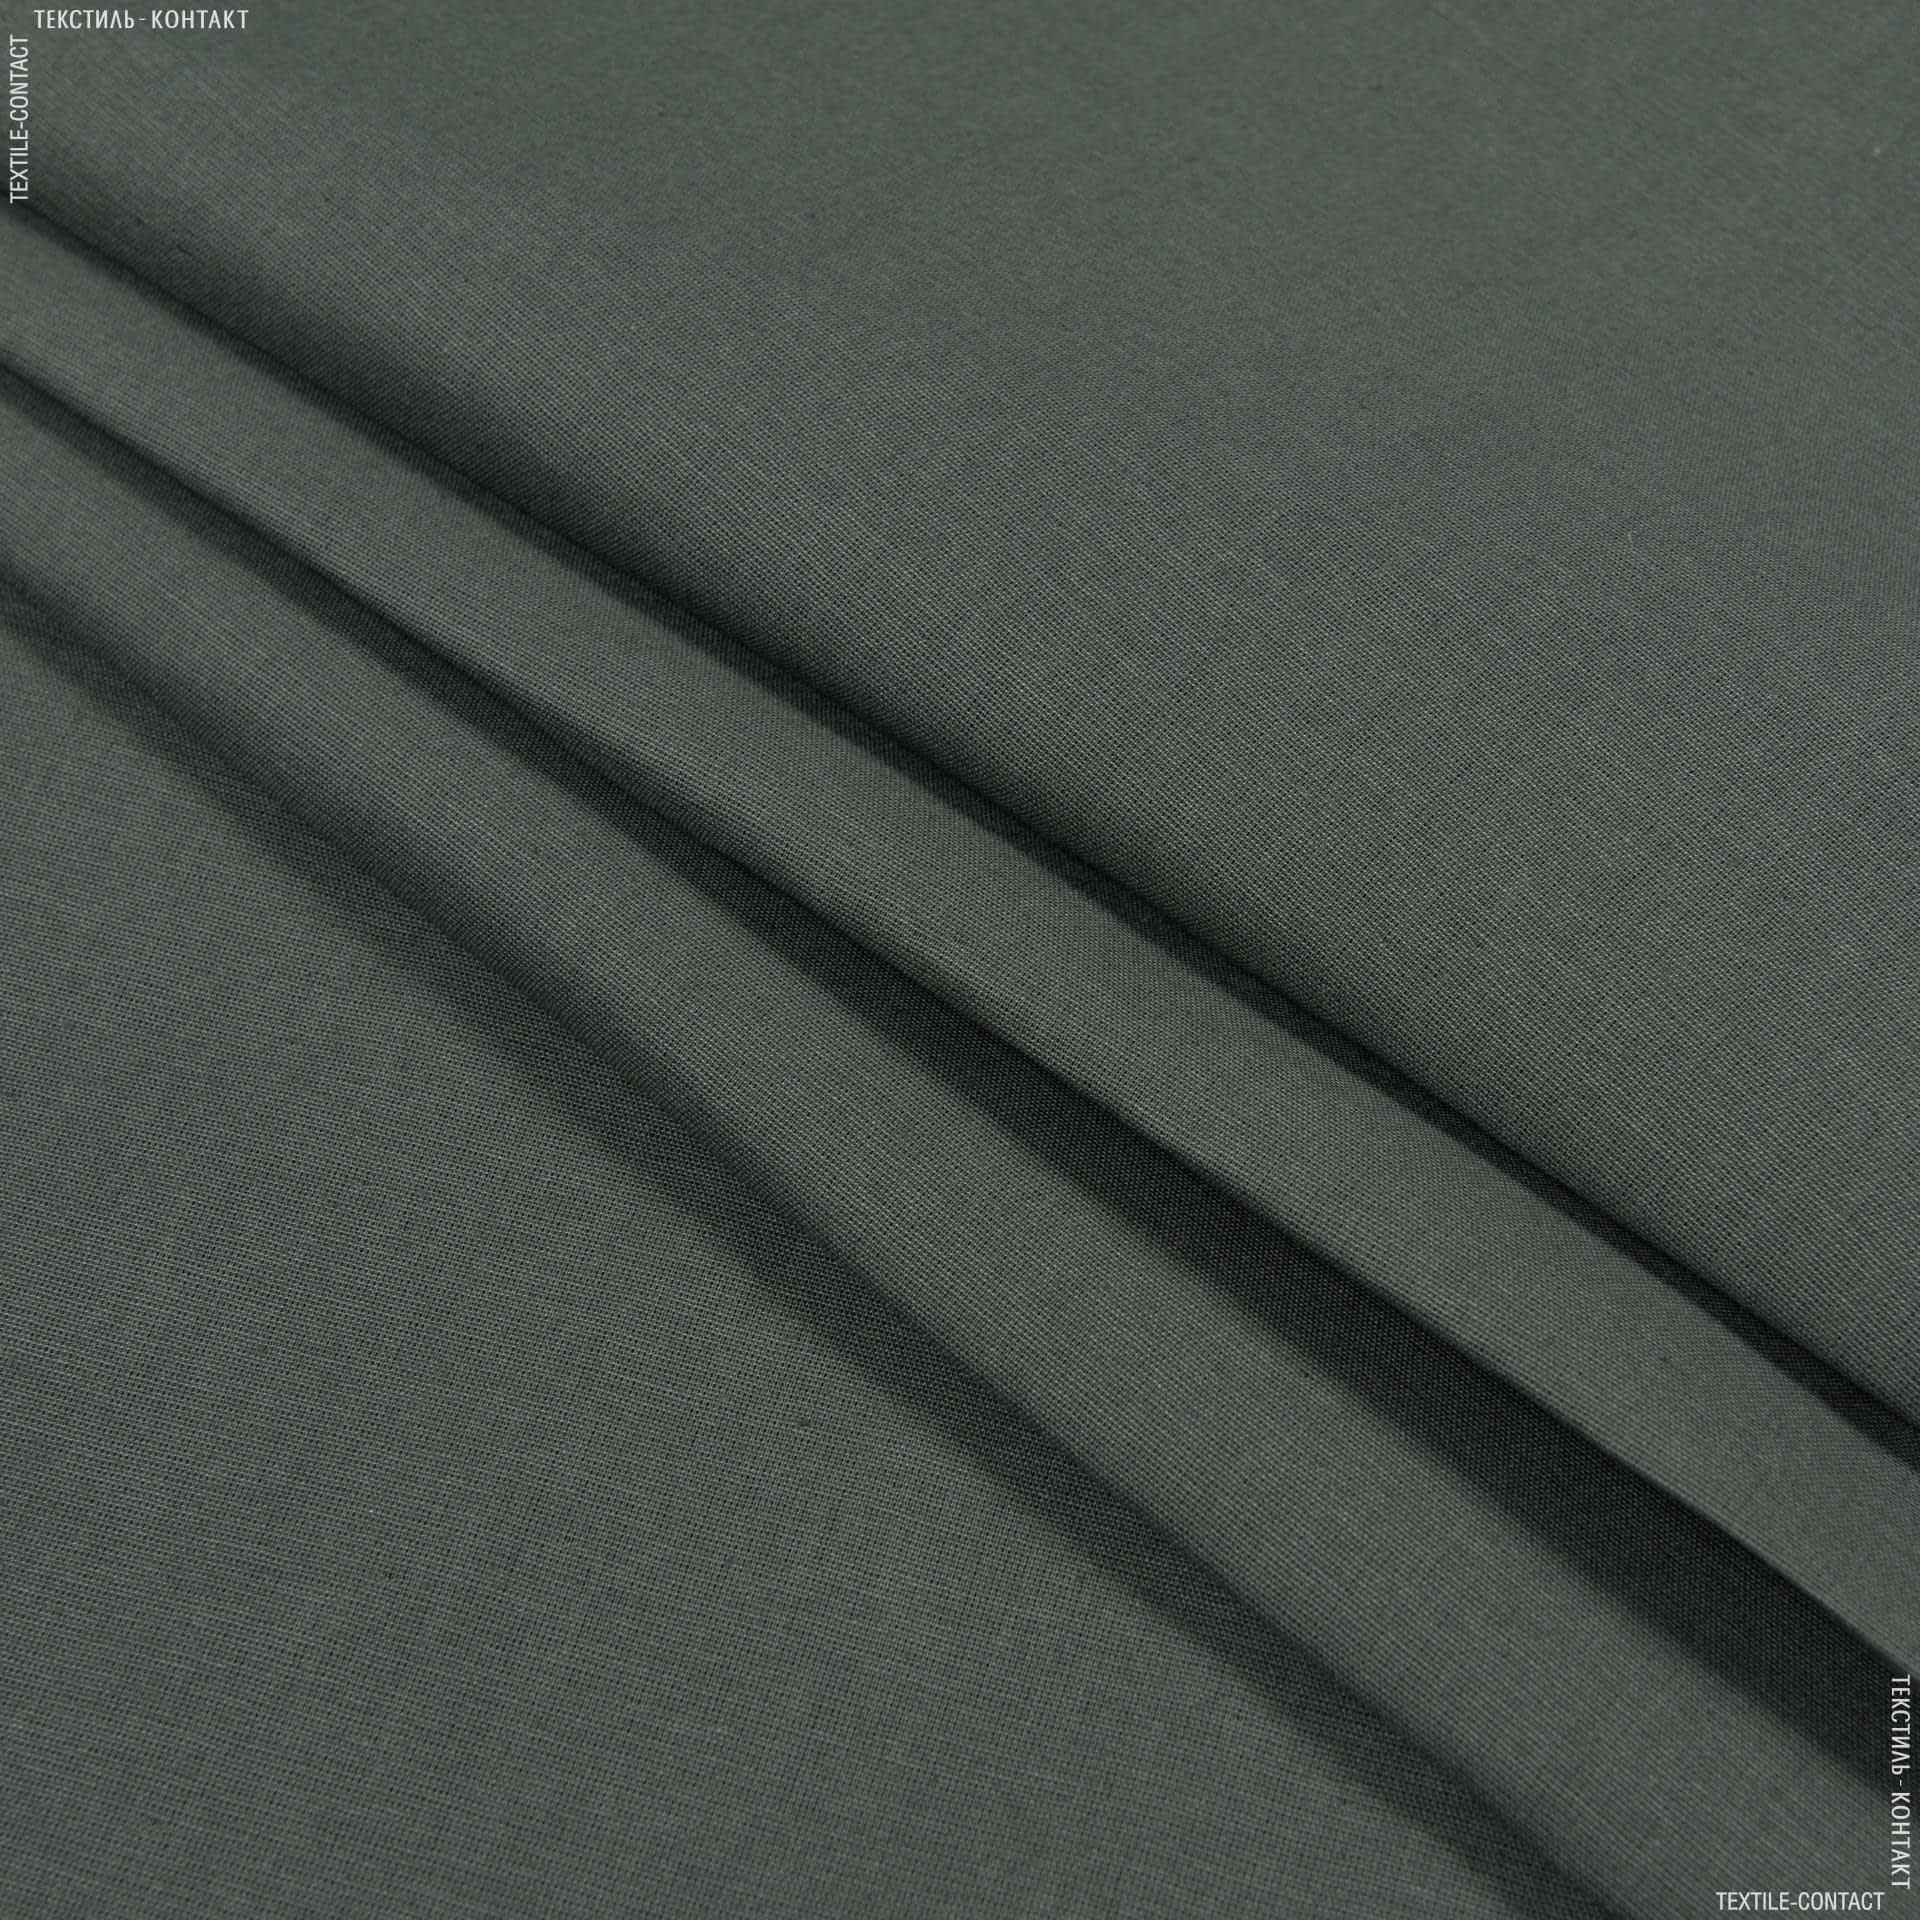 Тканини для постільної білизни - Бязь гладкофарбована олива